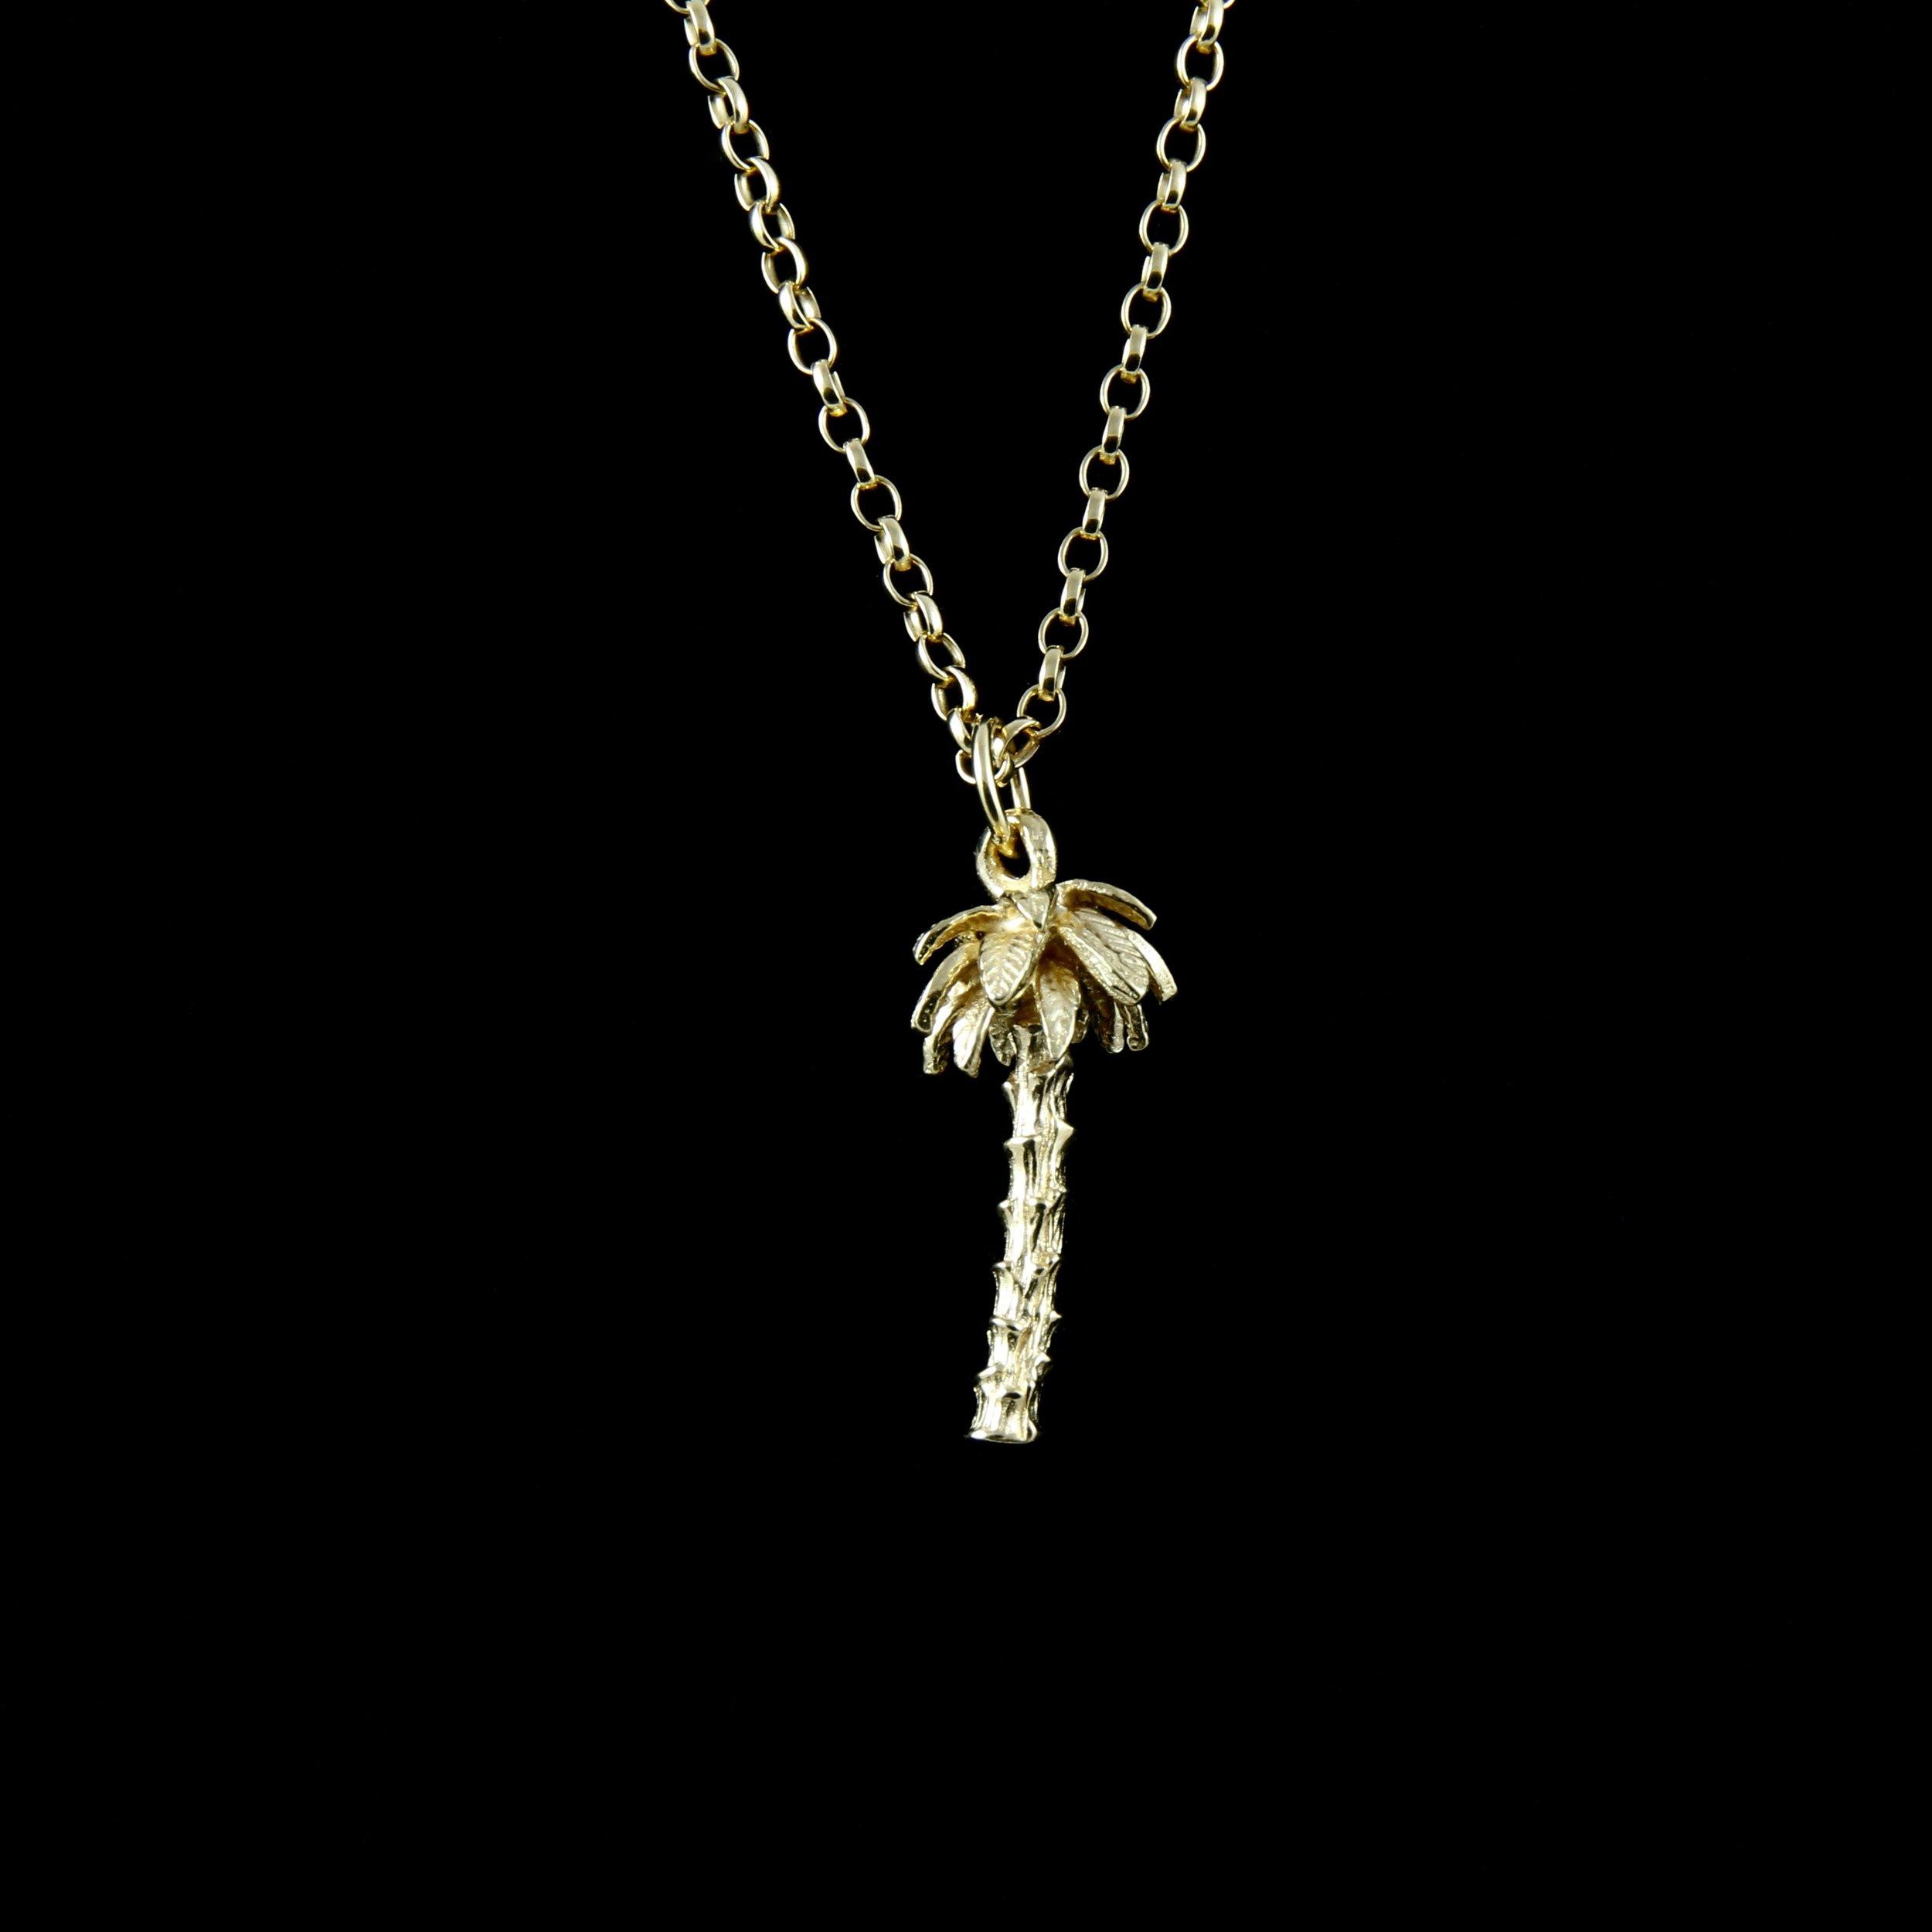 Gold Palm Tree Necklace 2 copy.jpg